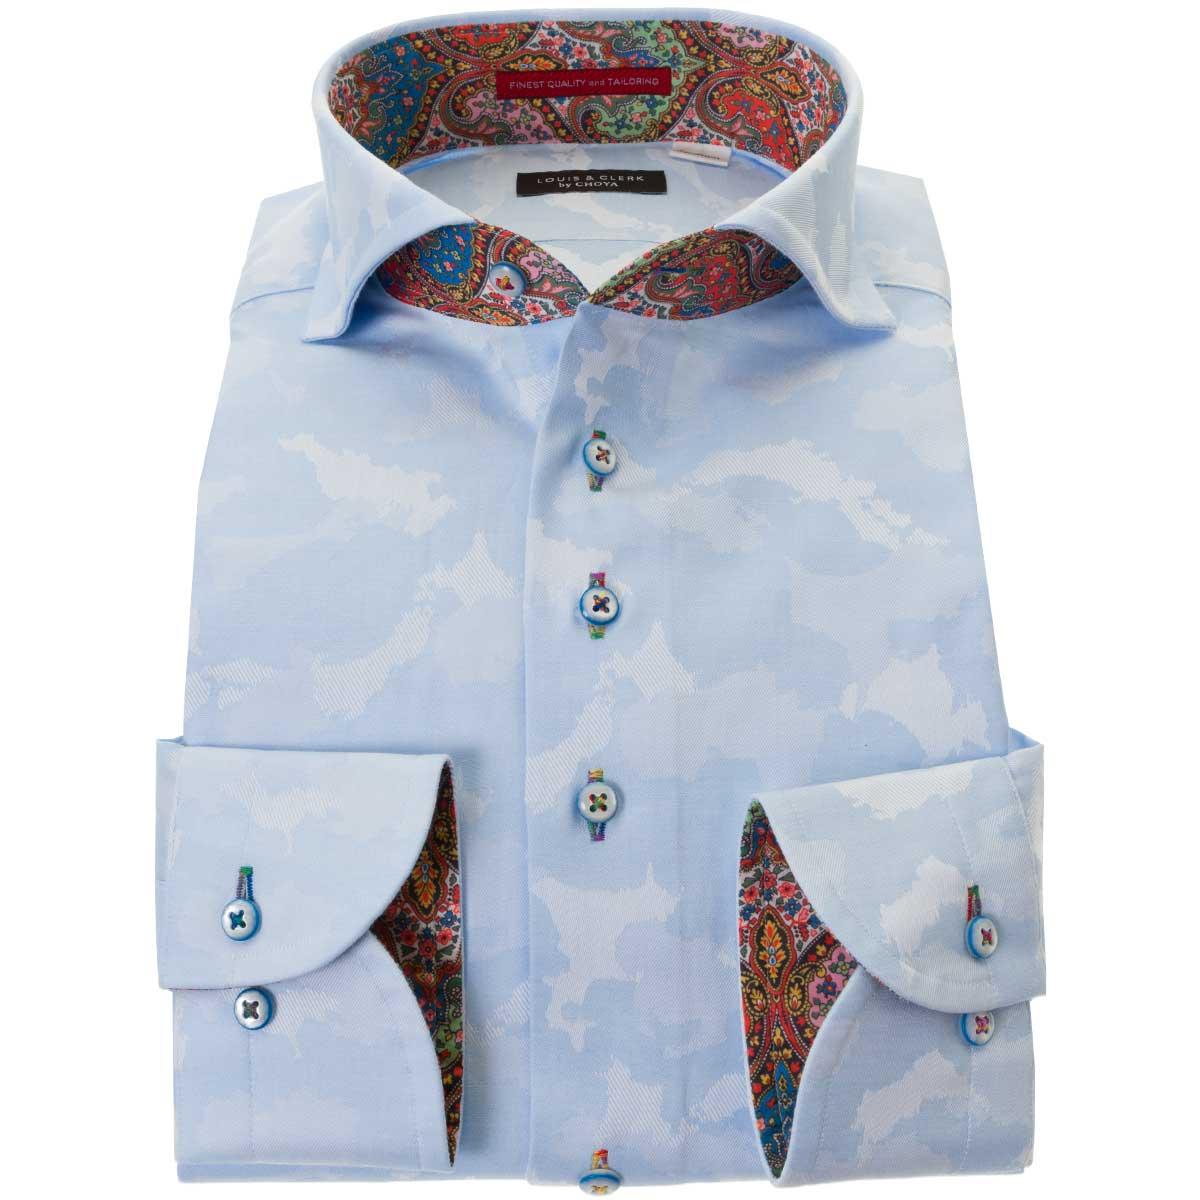 ドレスシャツ ワイシャツ シャツ メンズ 国産 長袖 綿100% ボタンダウン カッタウェイワイド 胸ポケット無 コンフォート スカイブルー ジャガード織柄 迷彩柄風 日本地図 マップ